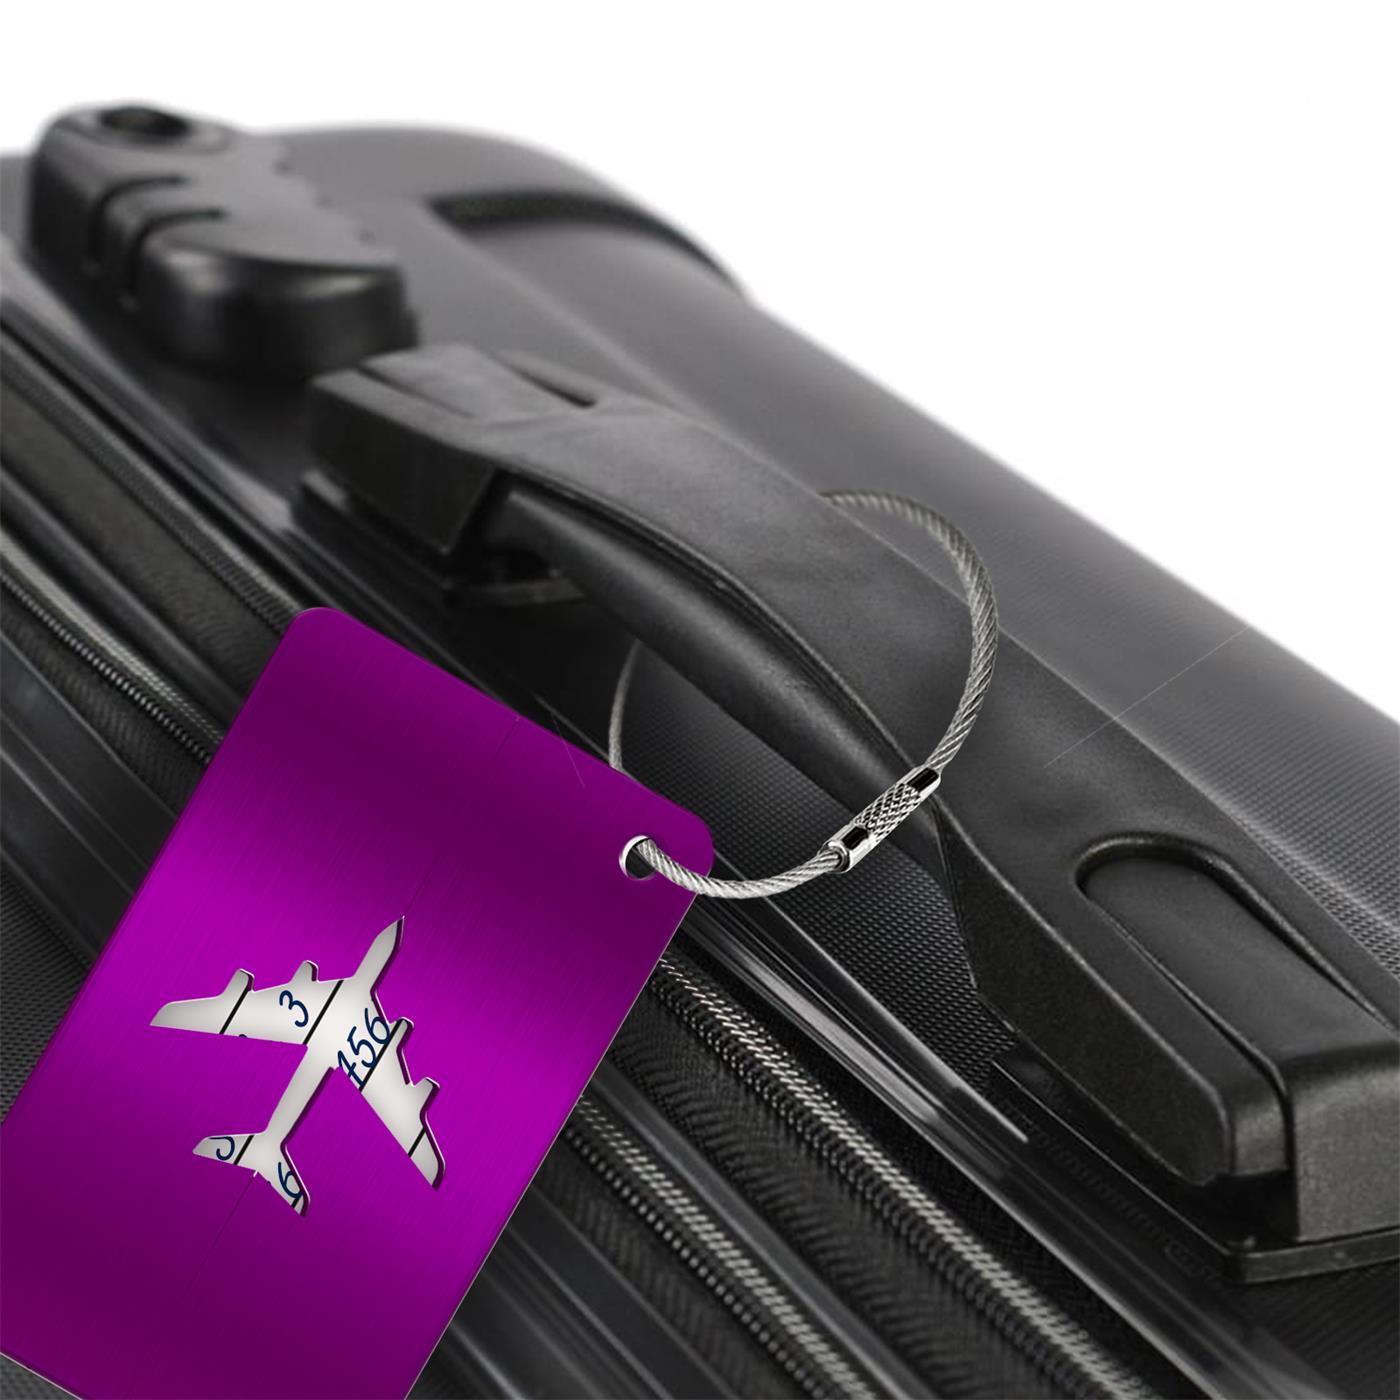 Reise-Kofferanhaenger-Namensschild-Gepaeck-Anhaenger-Schild-Urlaub-Flugzeug-Trolley Indexbild 27